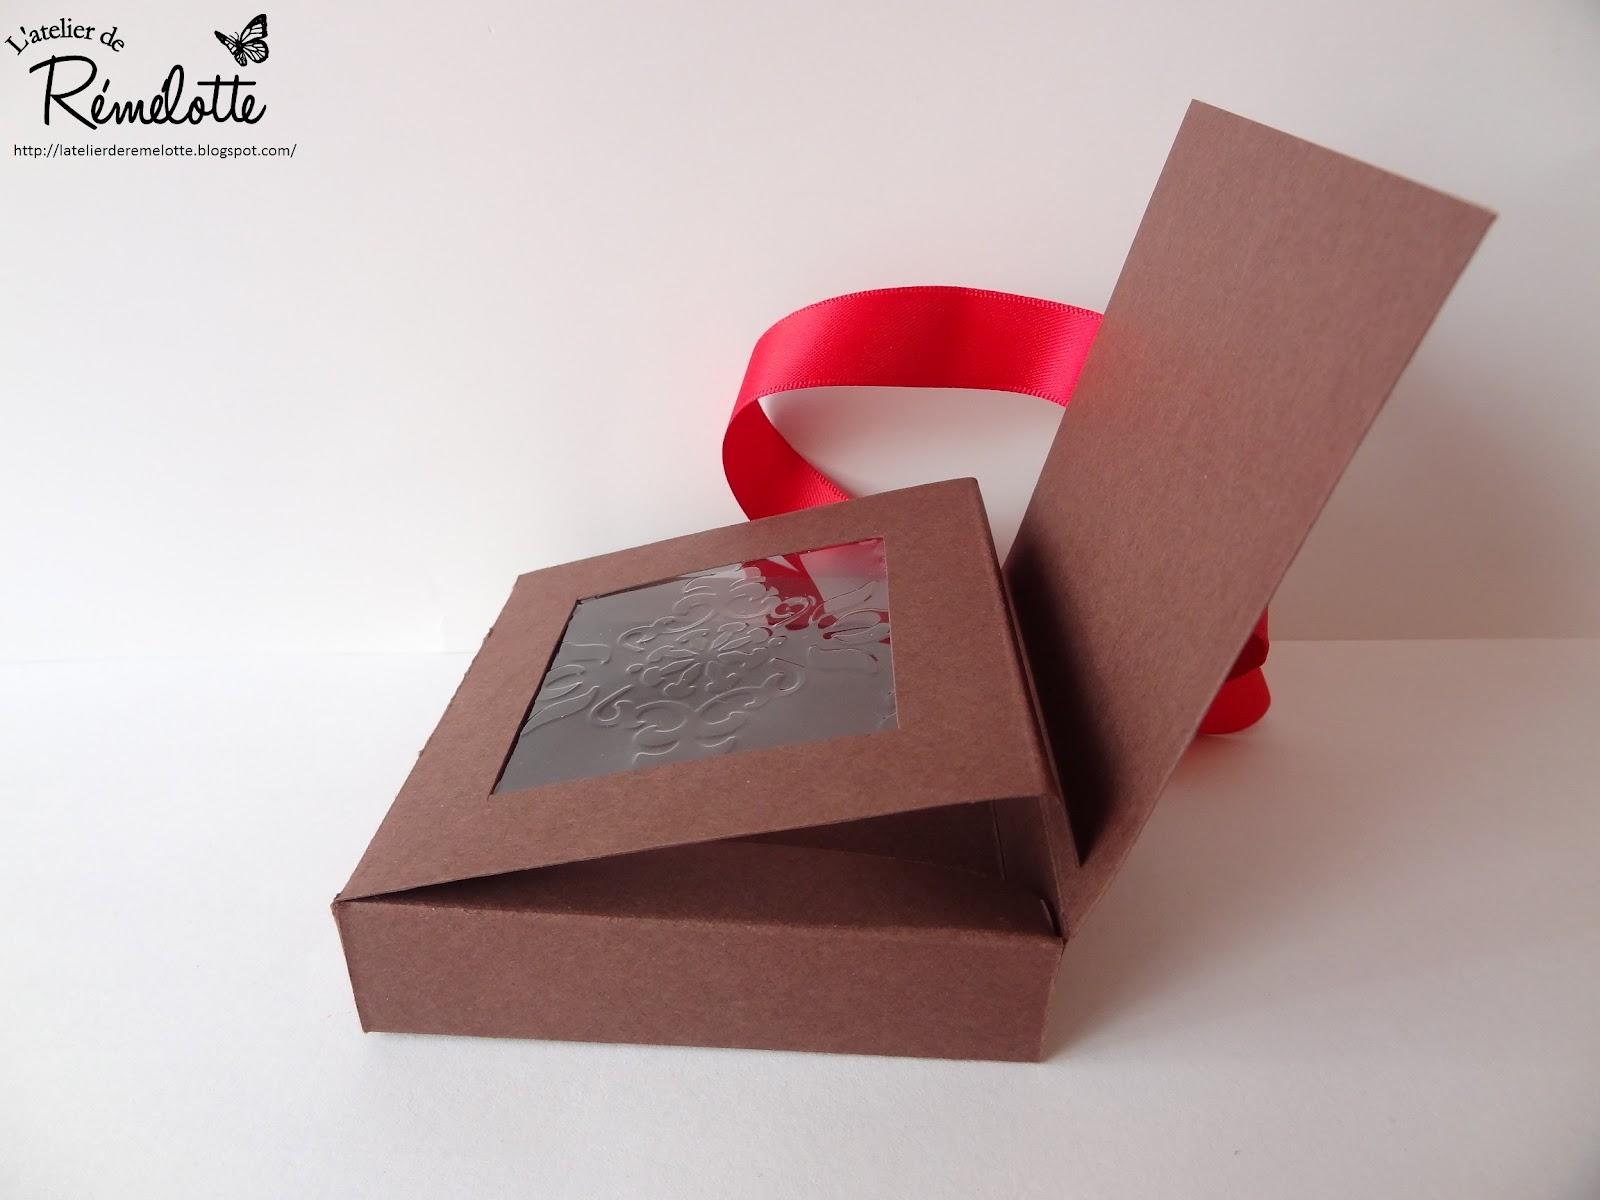 L 39 atelier de r m lotte gabarit petite boite chocolats - Patron boite en carton rectangulaire ...